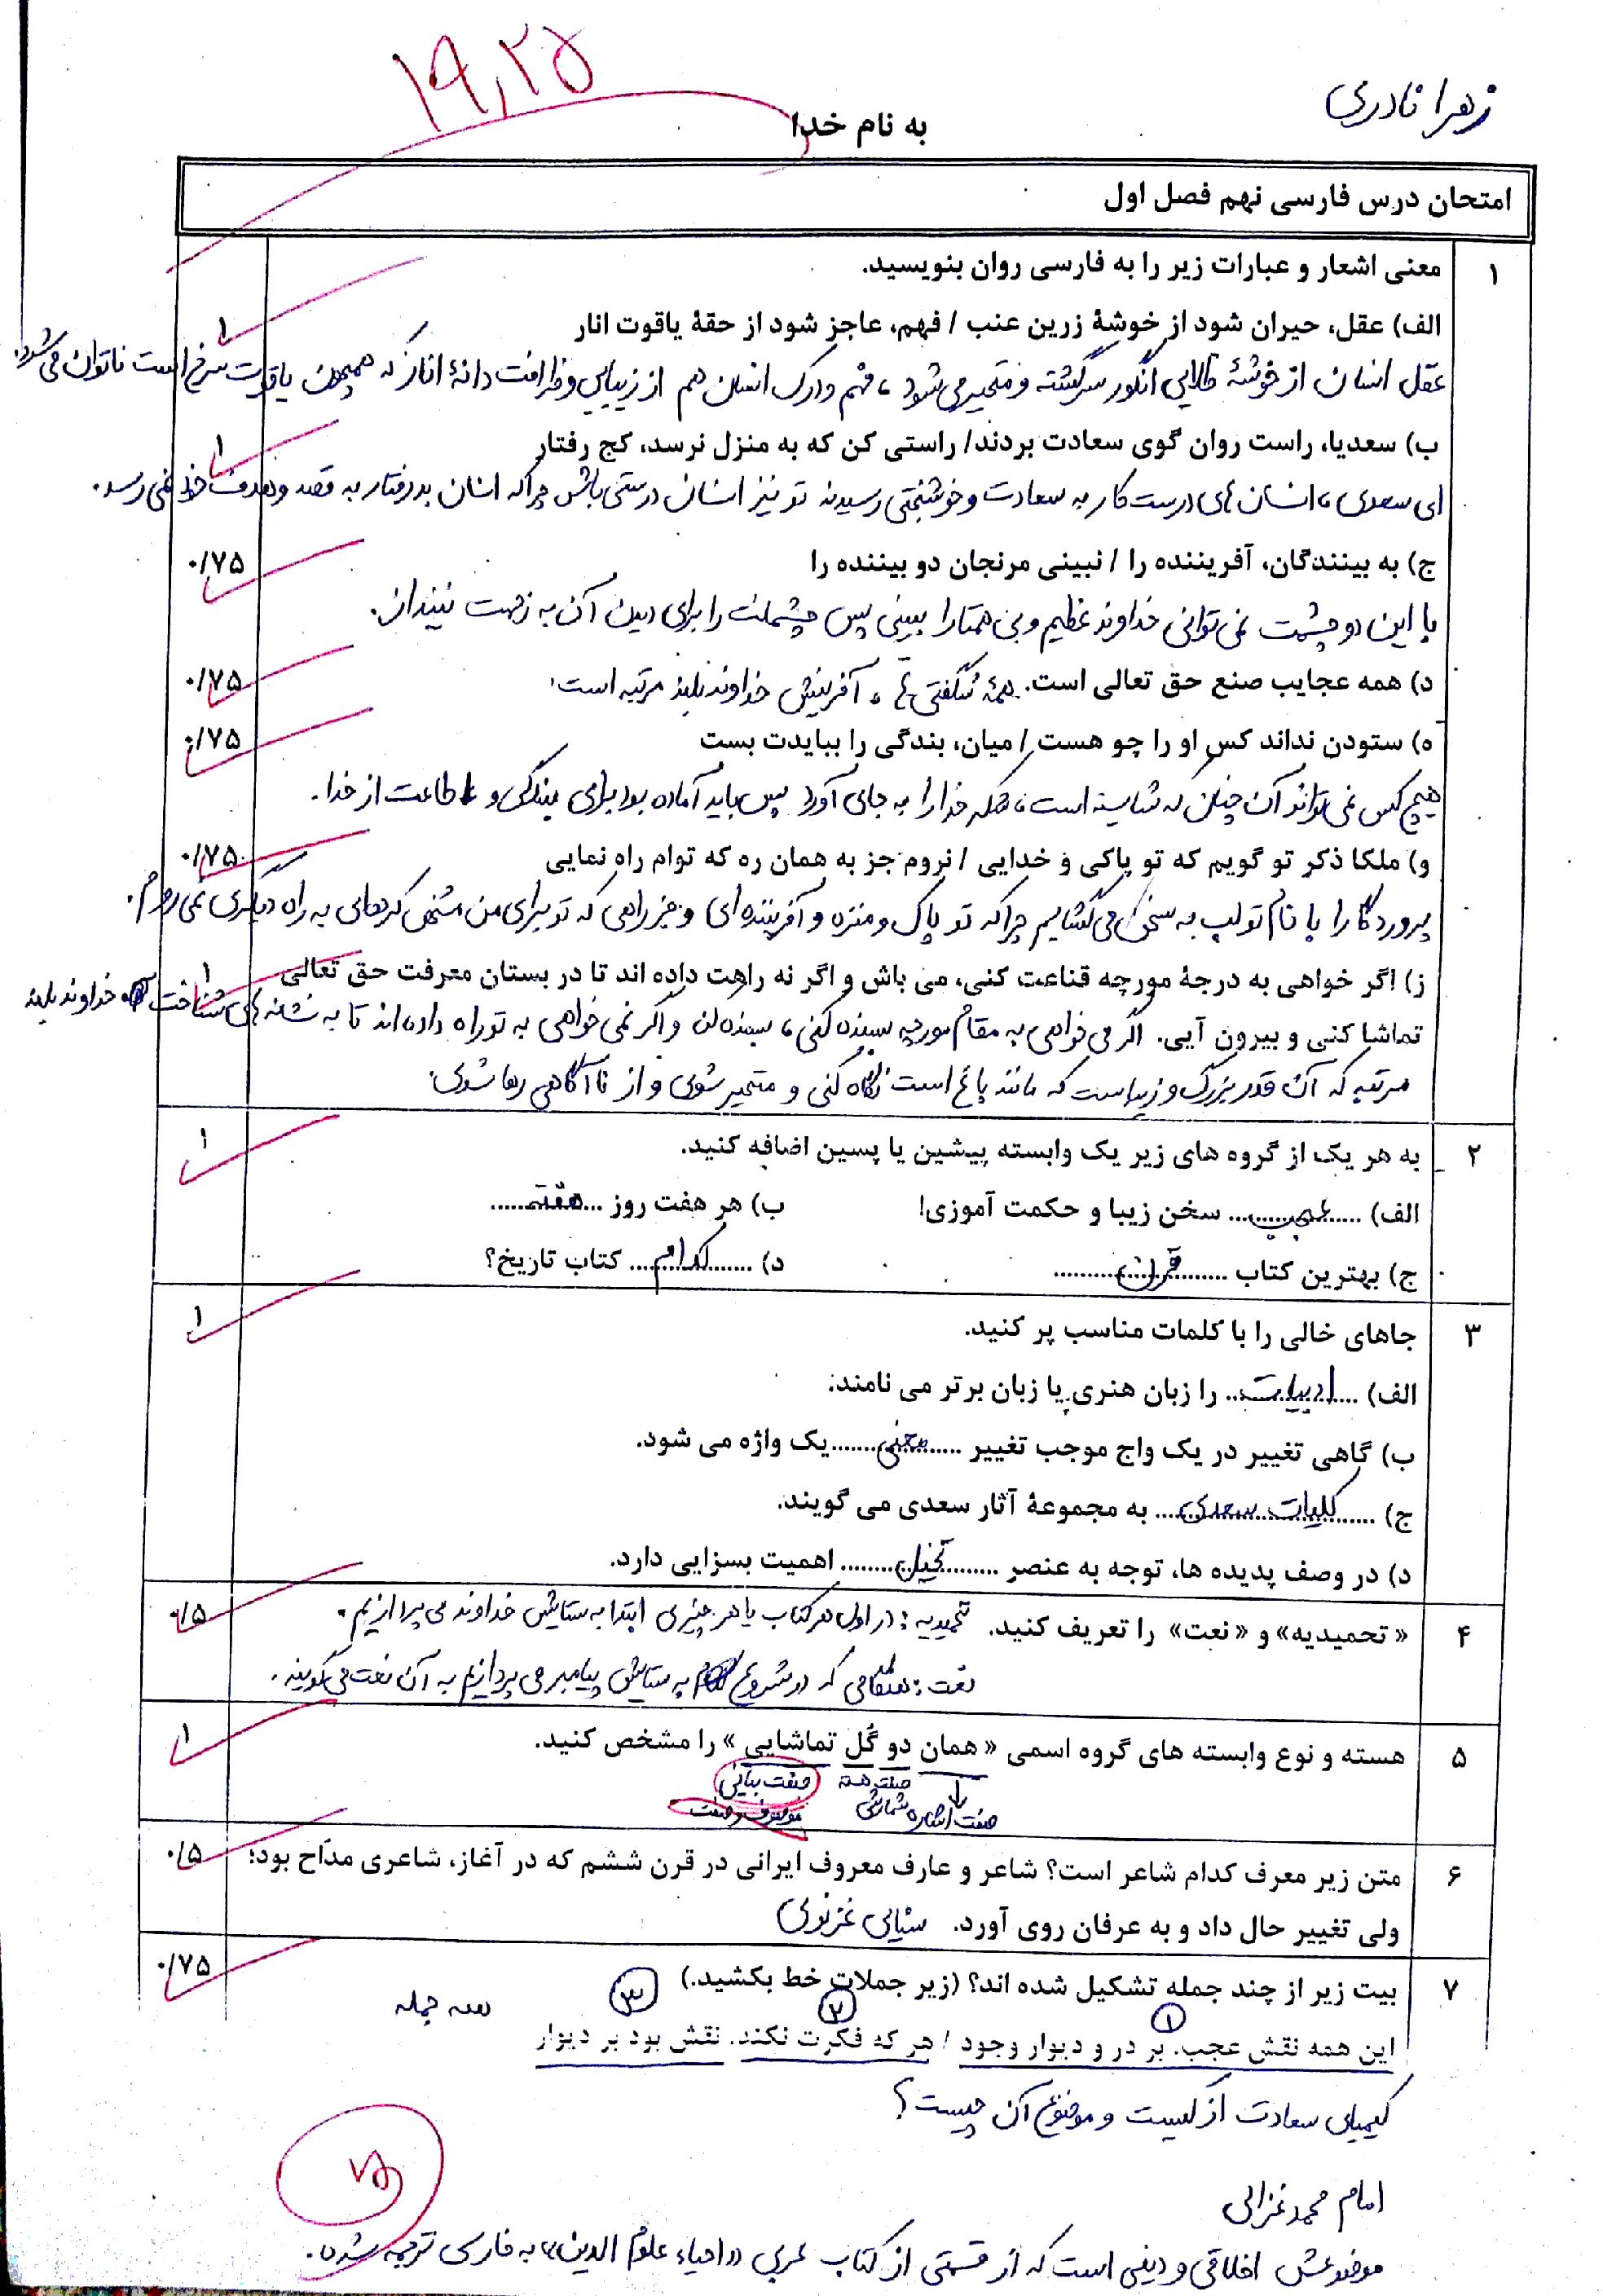 ارزشیابی فارسی نهم مدرسه شهیدان ابراهیمی | فصل 1: زیبایی آفرینش